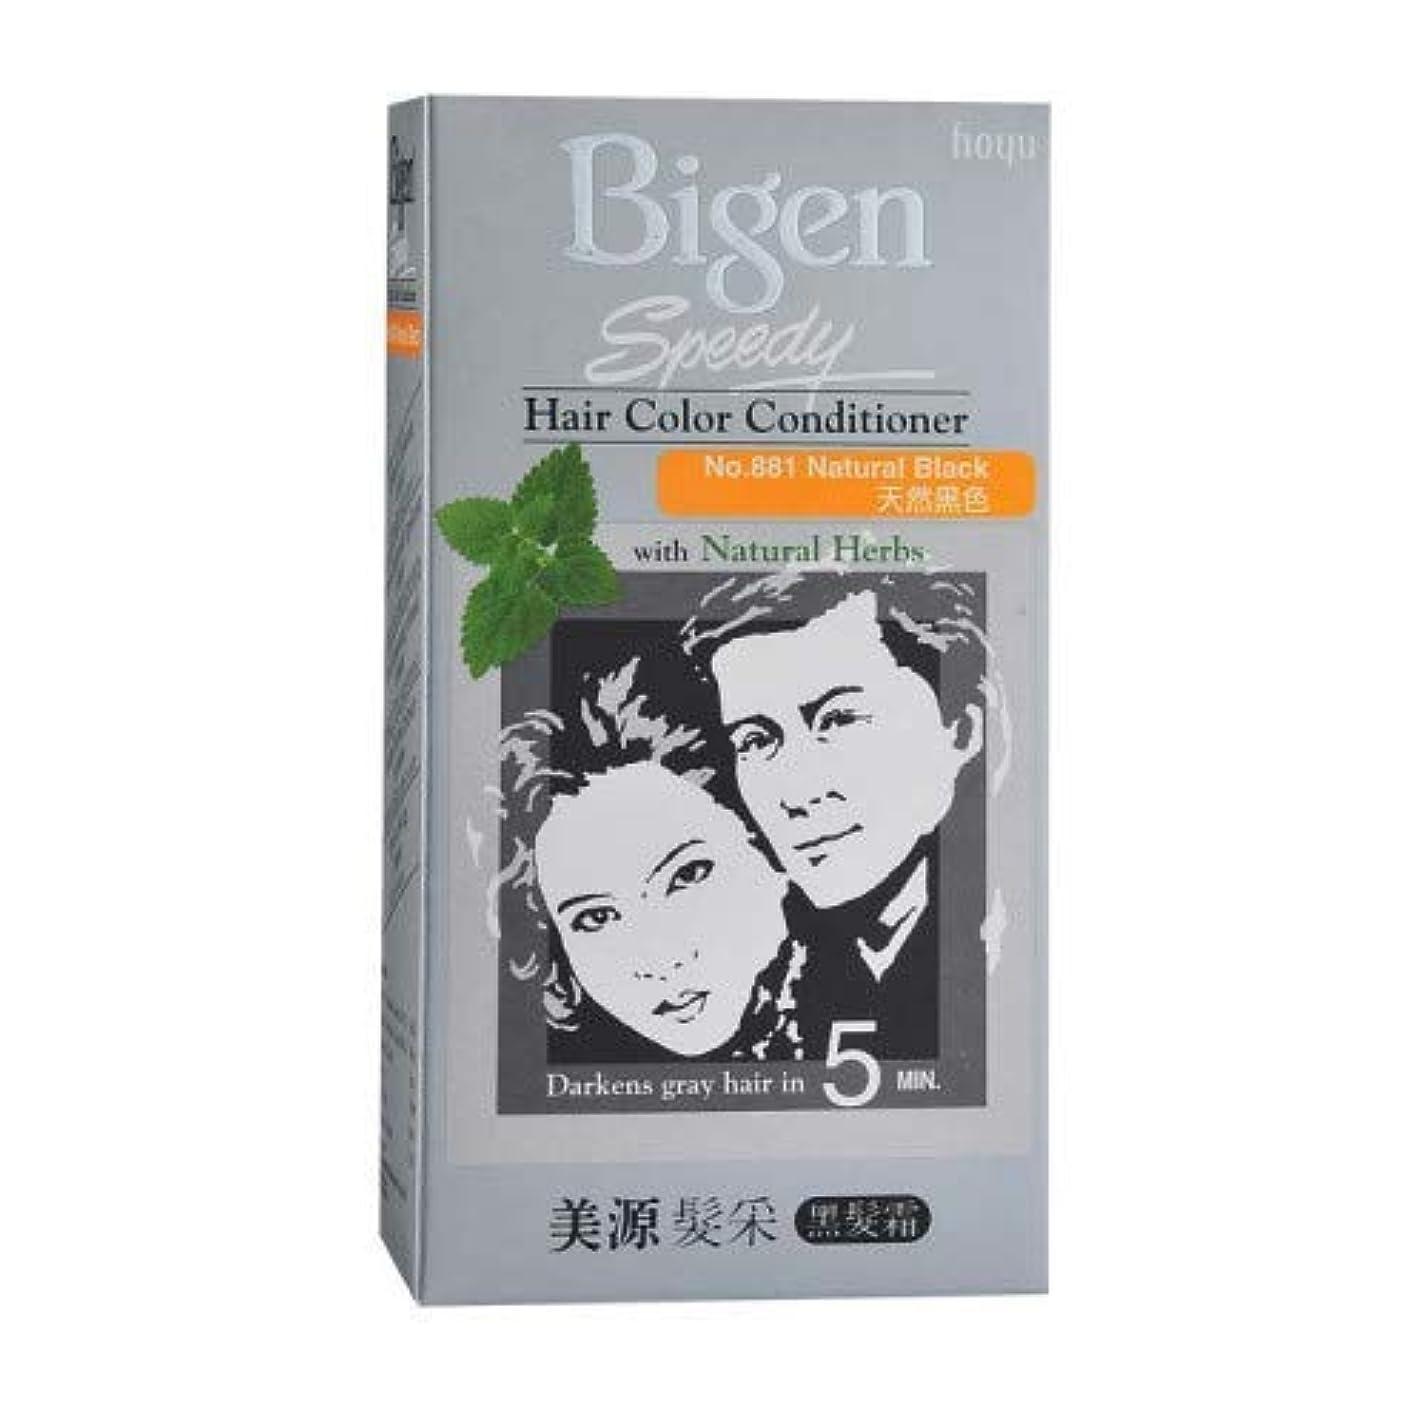 争う見出しお客様BIGEN 高速髪の色自然な黒い髪のケアと天然ハーブ1